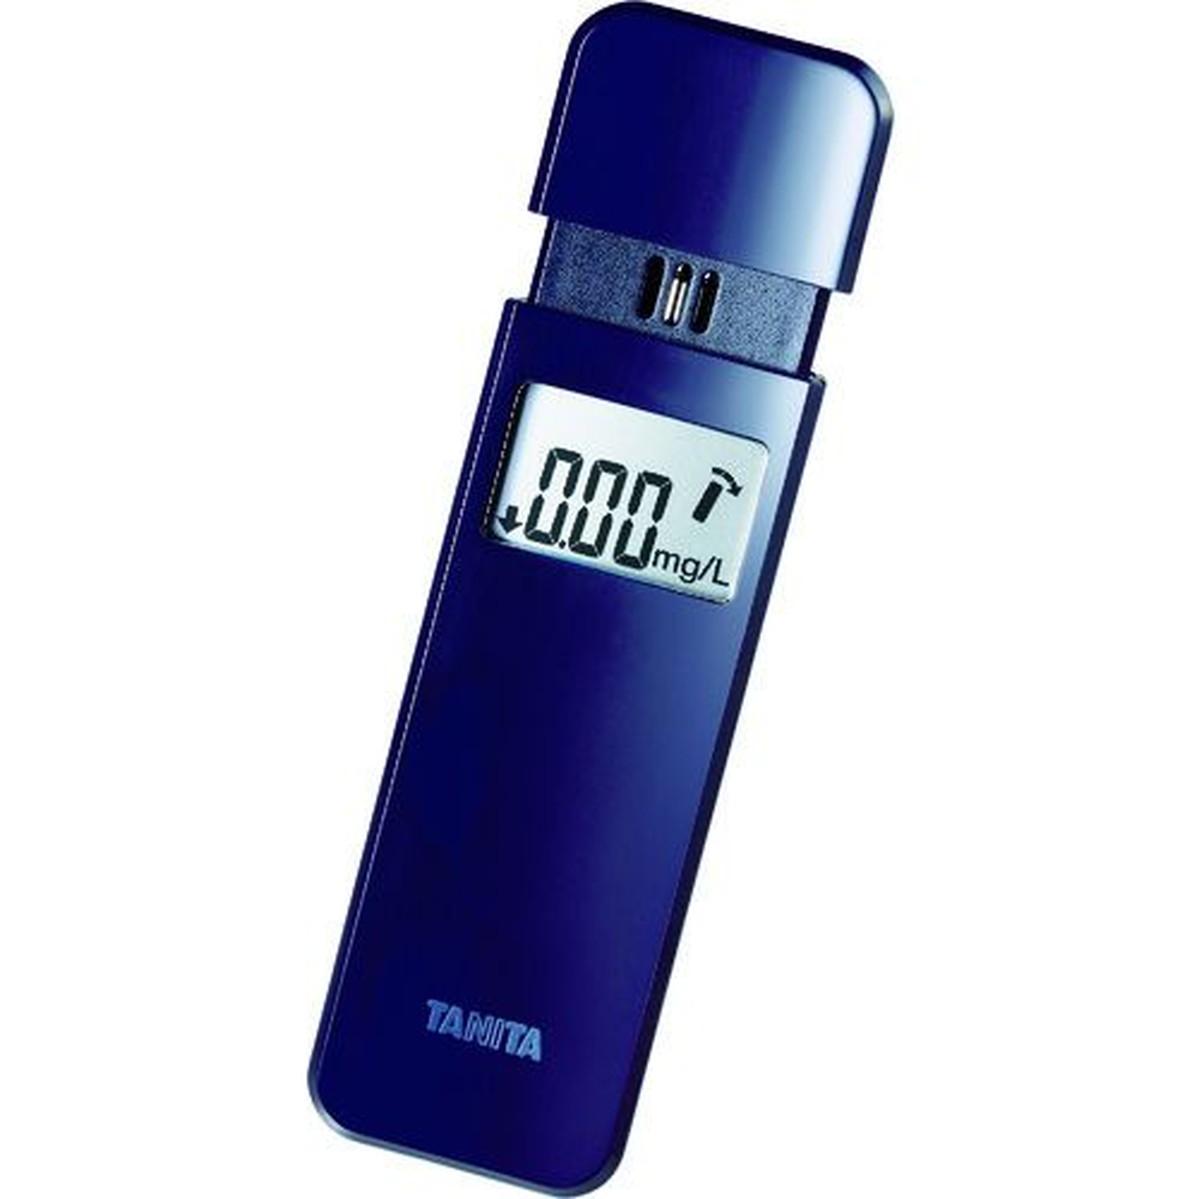 即納最大半額 あす楽対応 DIY用品 TANITA タニタ アルコールセンサー EA-100-NV 迅速な対応で商品をお届け致します EA-100-NV 1台